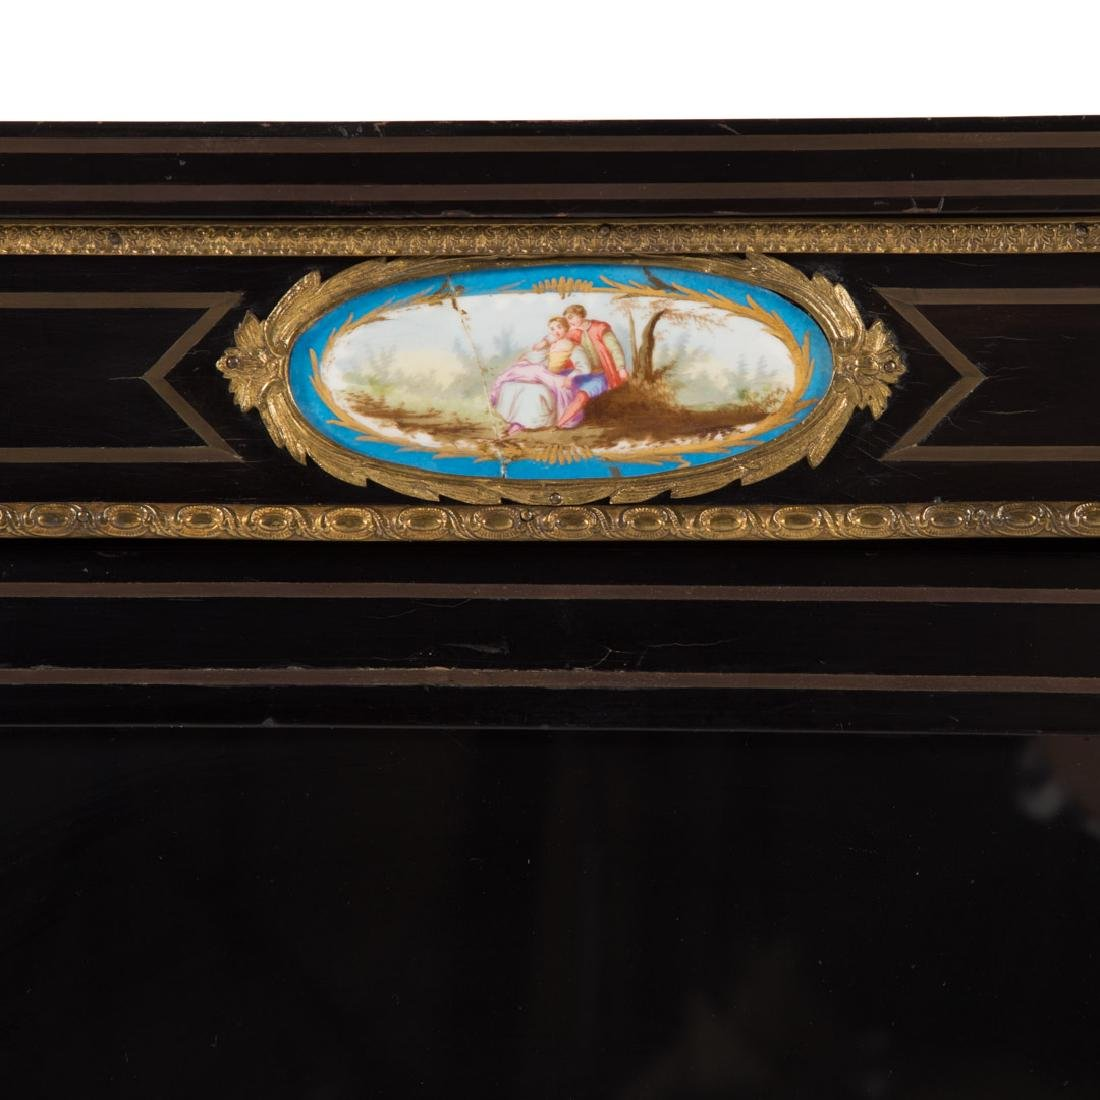 Napoleon III ebonized wood bibliotheque - 3